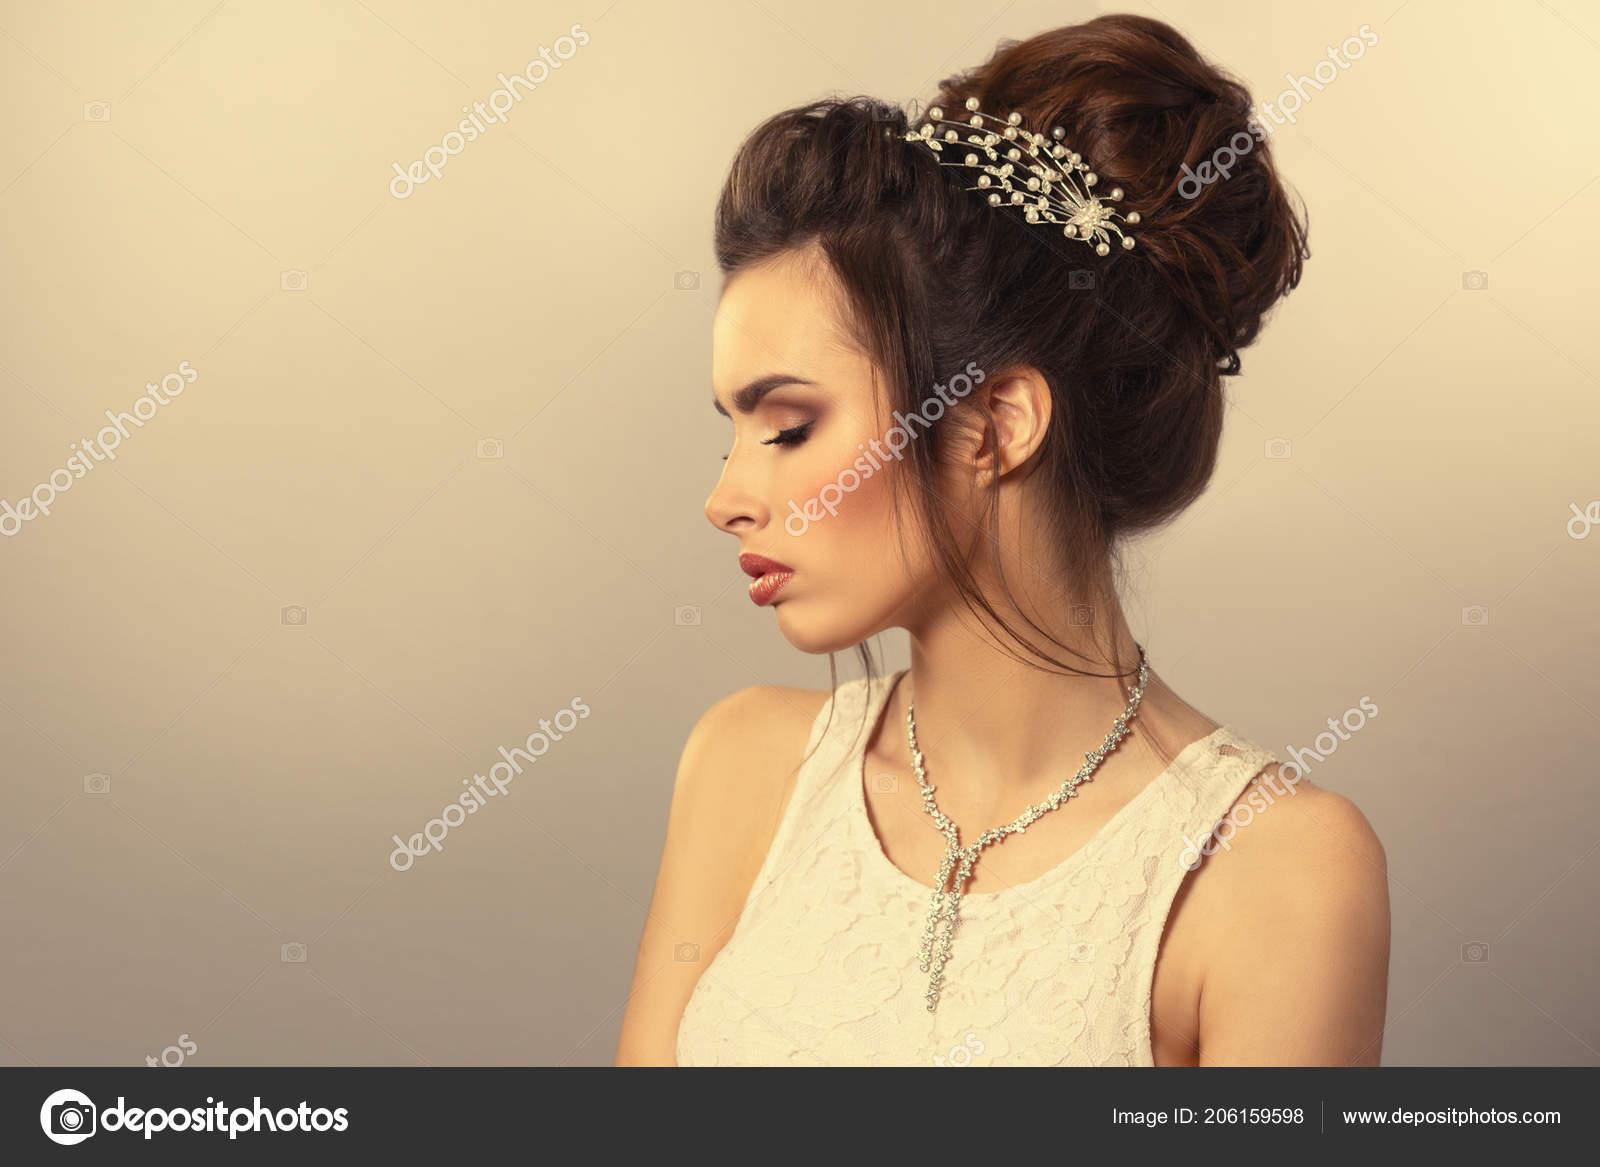 Vintage Beauty Portrait Elegante Braut Mit Frisur Und Make